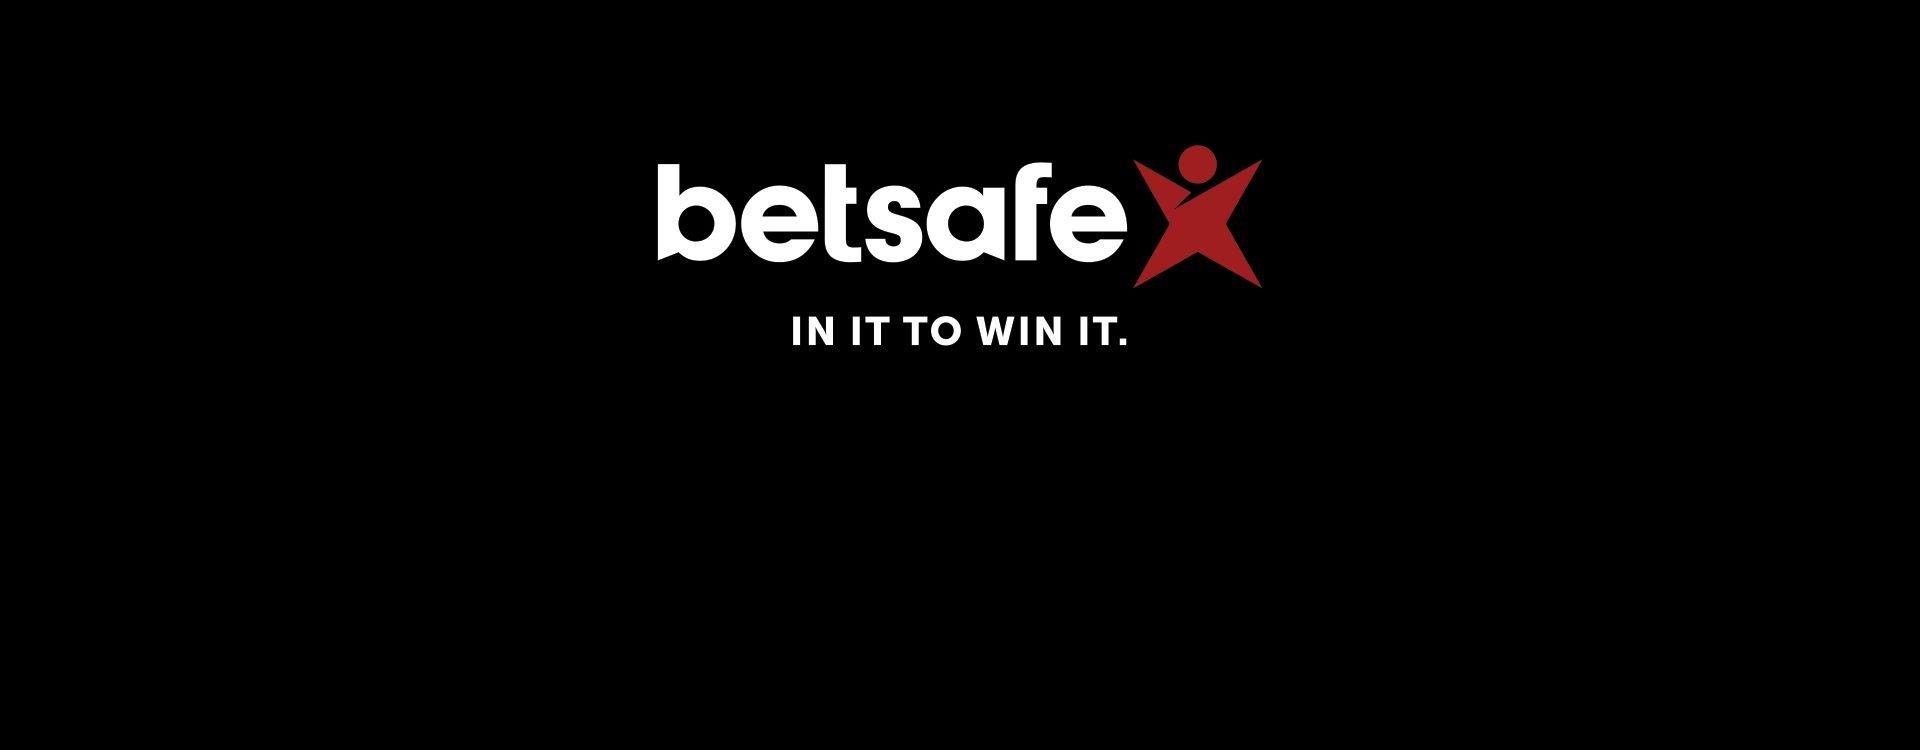 Betsafe best online gaming platform